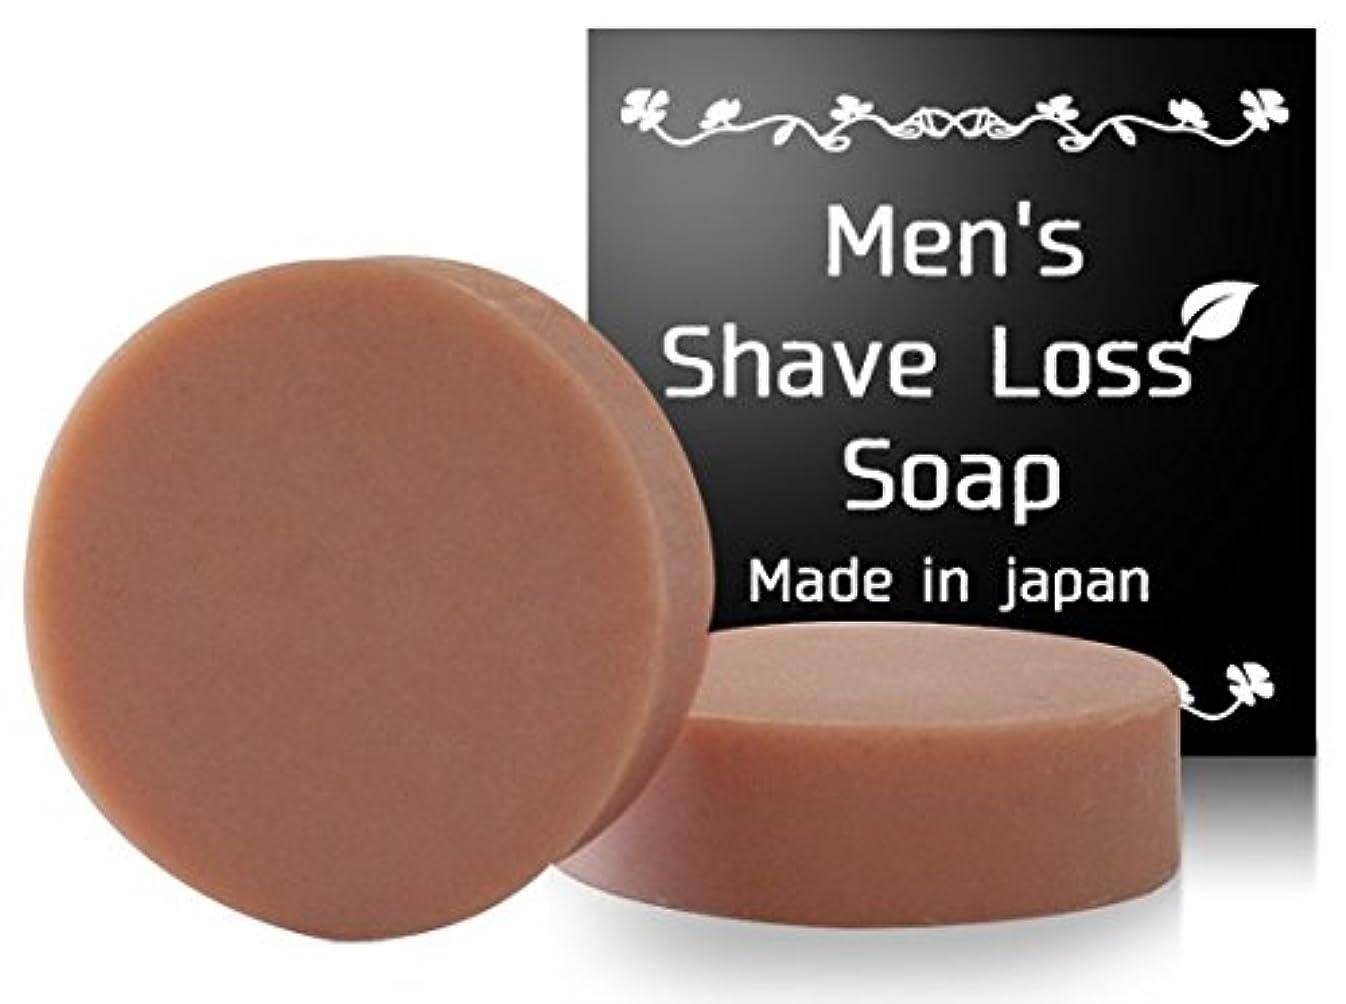 勧告ステレオ探検Mens Shave Loss Soap シェーブロス 剛毛は嫌!ツルツル過ぎも嫌! そんな夢を叶えた奇跡の石鹸! 【男性専用】(1個)